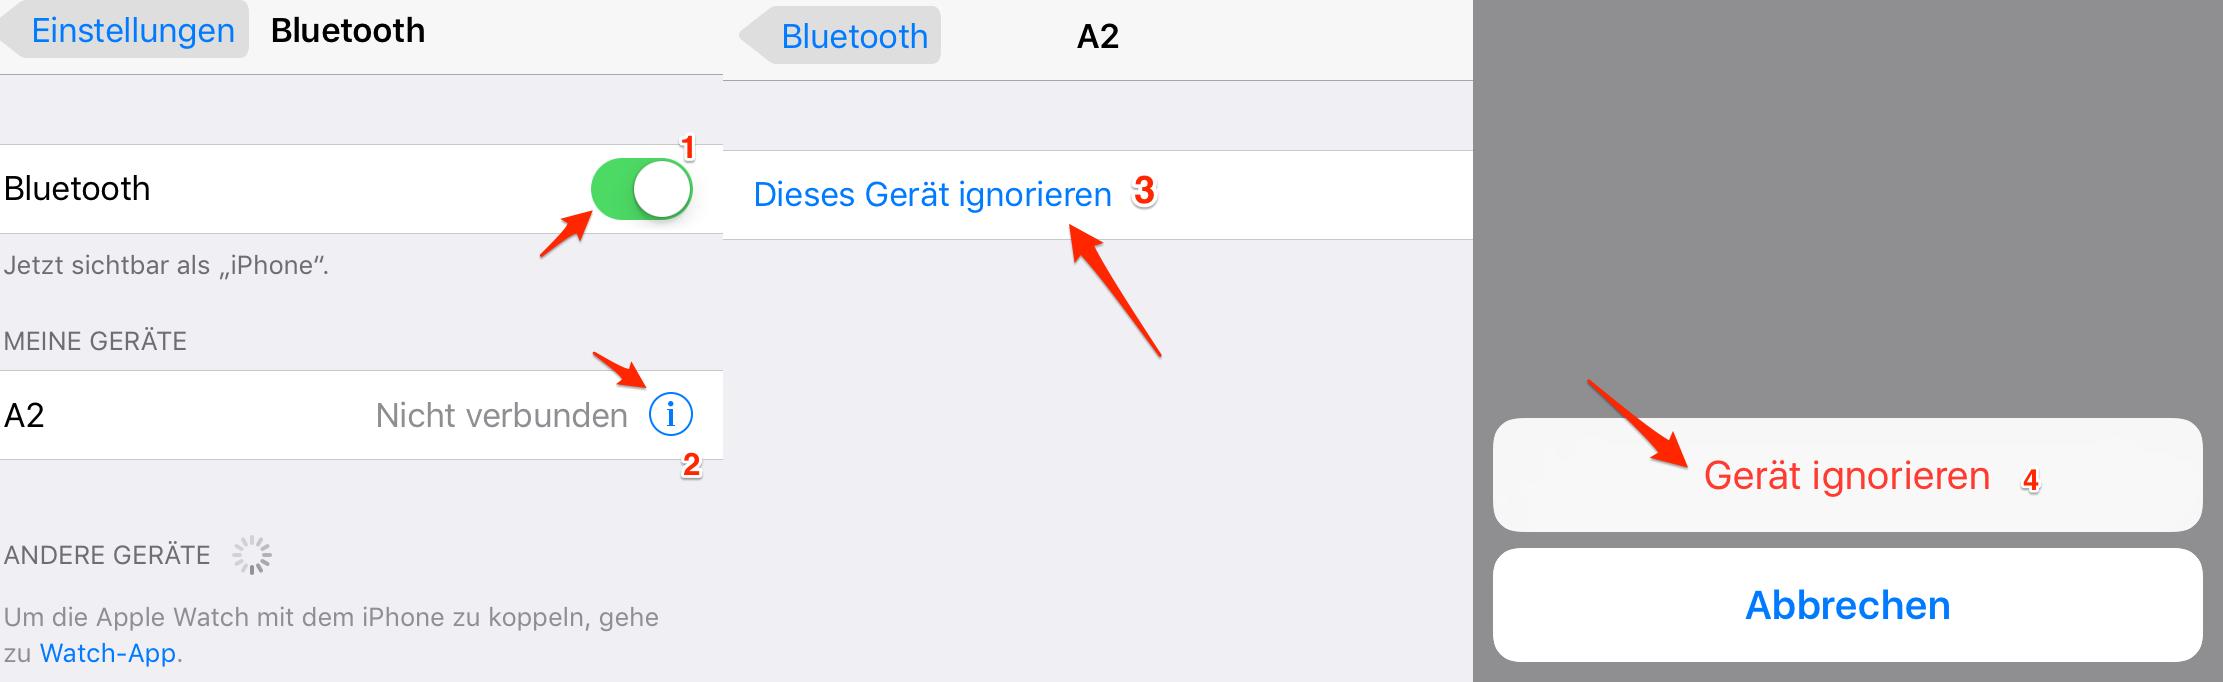 iOS 12 Probleme, Bugs – Bluetooth Probleme fixieren